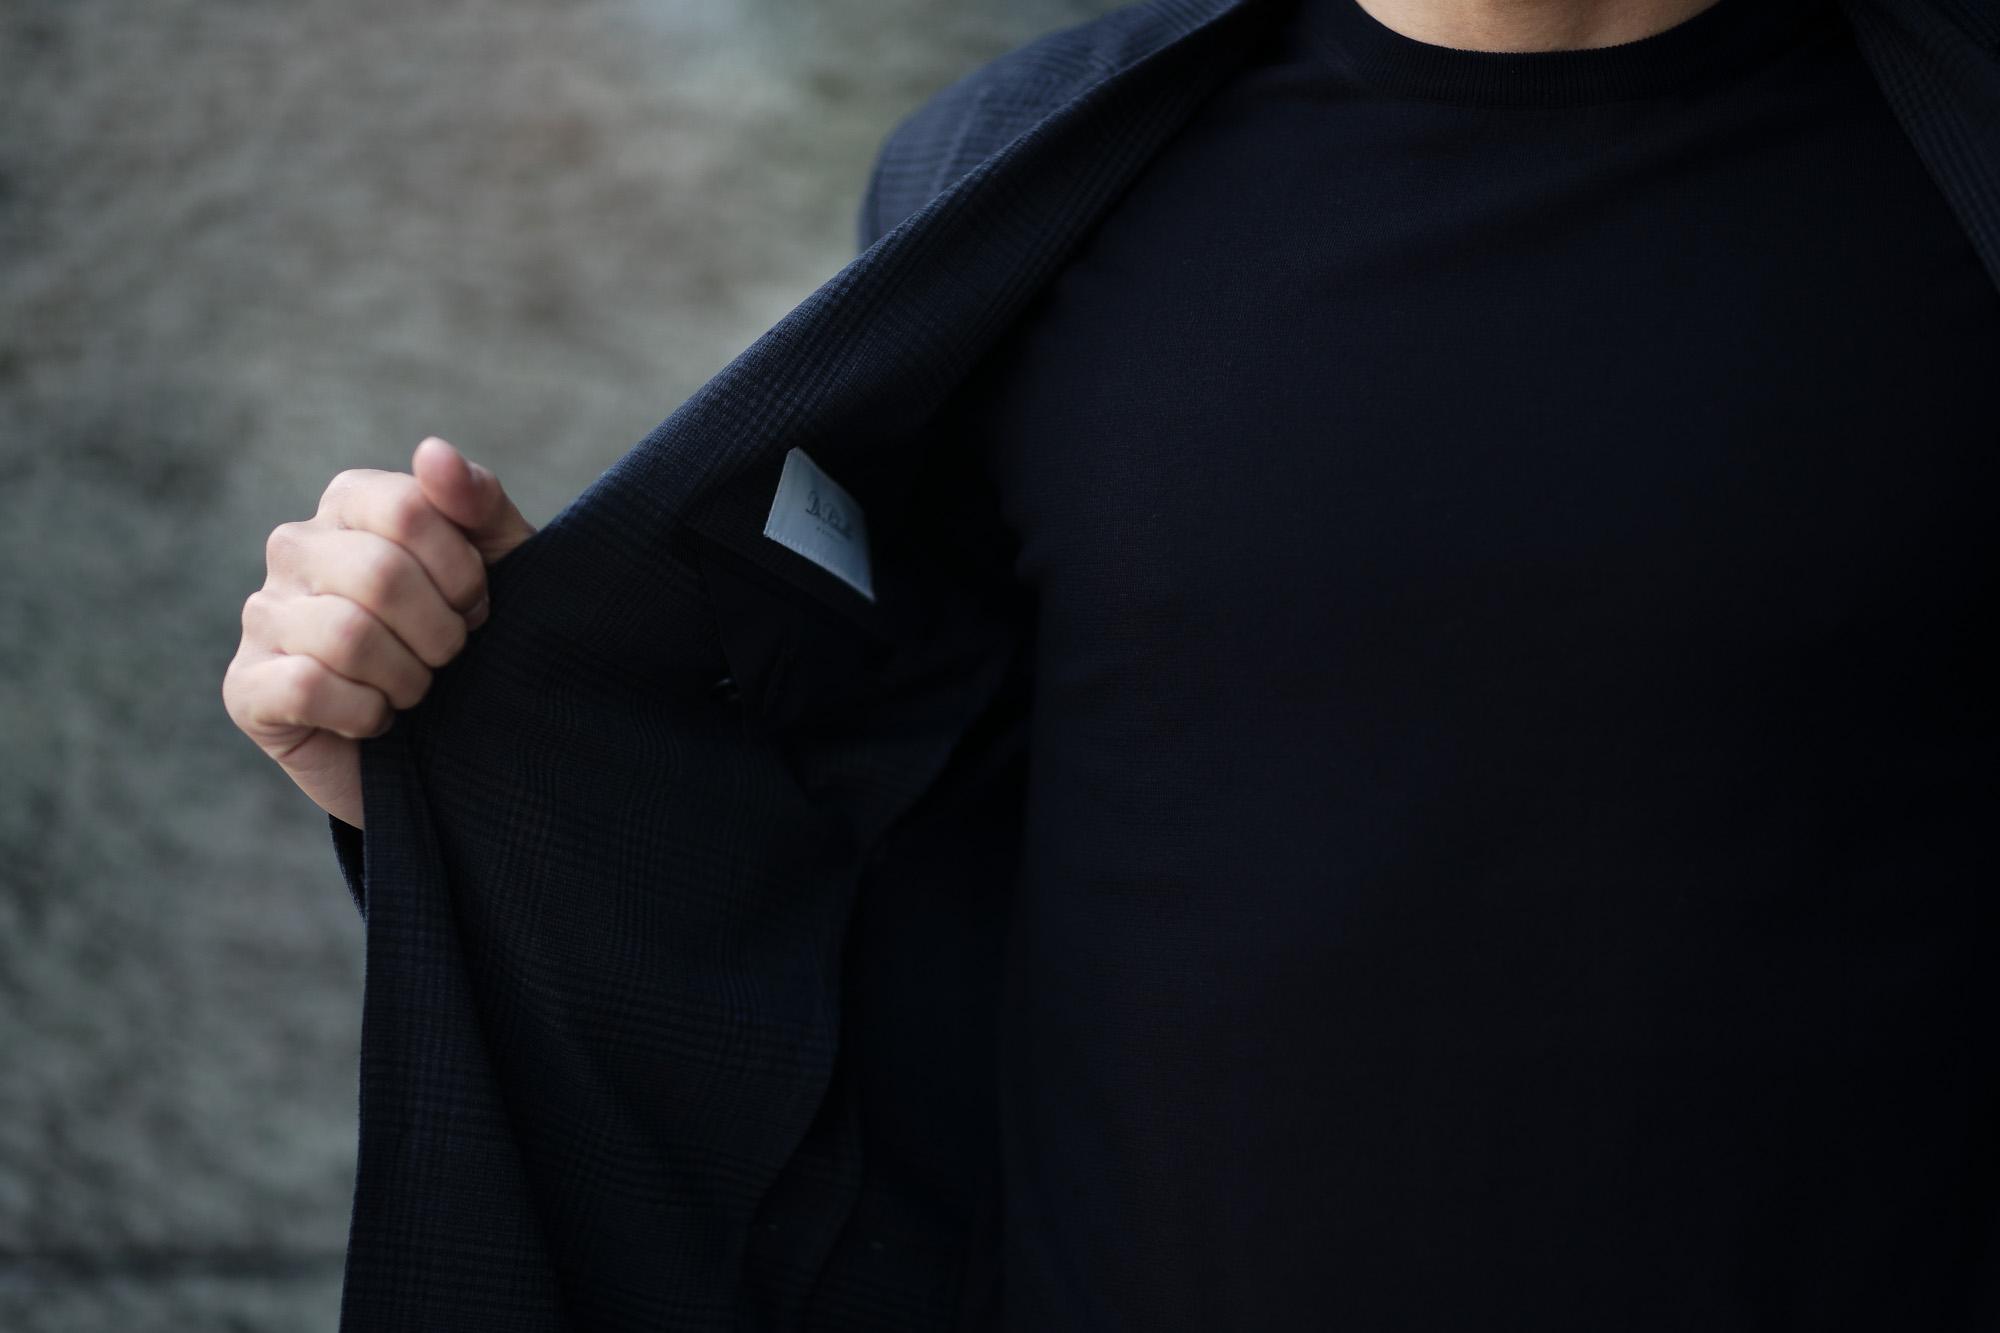 De Petrillo(デ ペトリロ) NUVOLA (ヌーボラ) ストレッチ シアサッカー グレンチェック ジャケット NAVY (ネイビー・454) Made in italy (イタリア製) 2020 春夏新作 デペトリロ 愛知 名古屋 altoediritto アルトエデリット